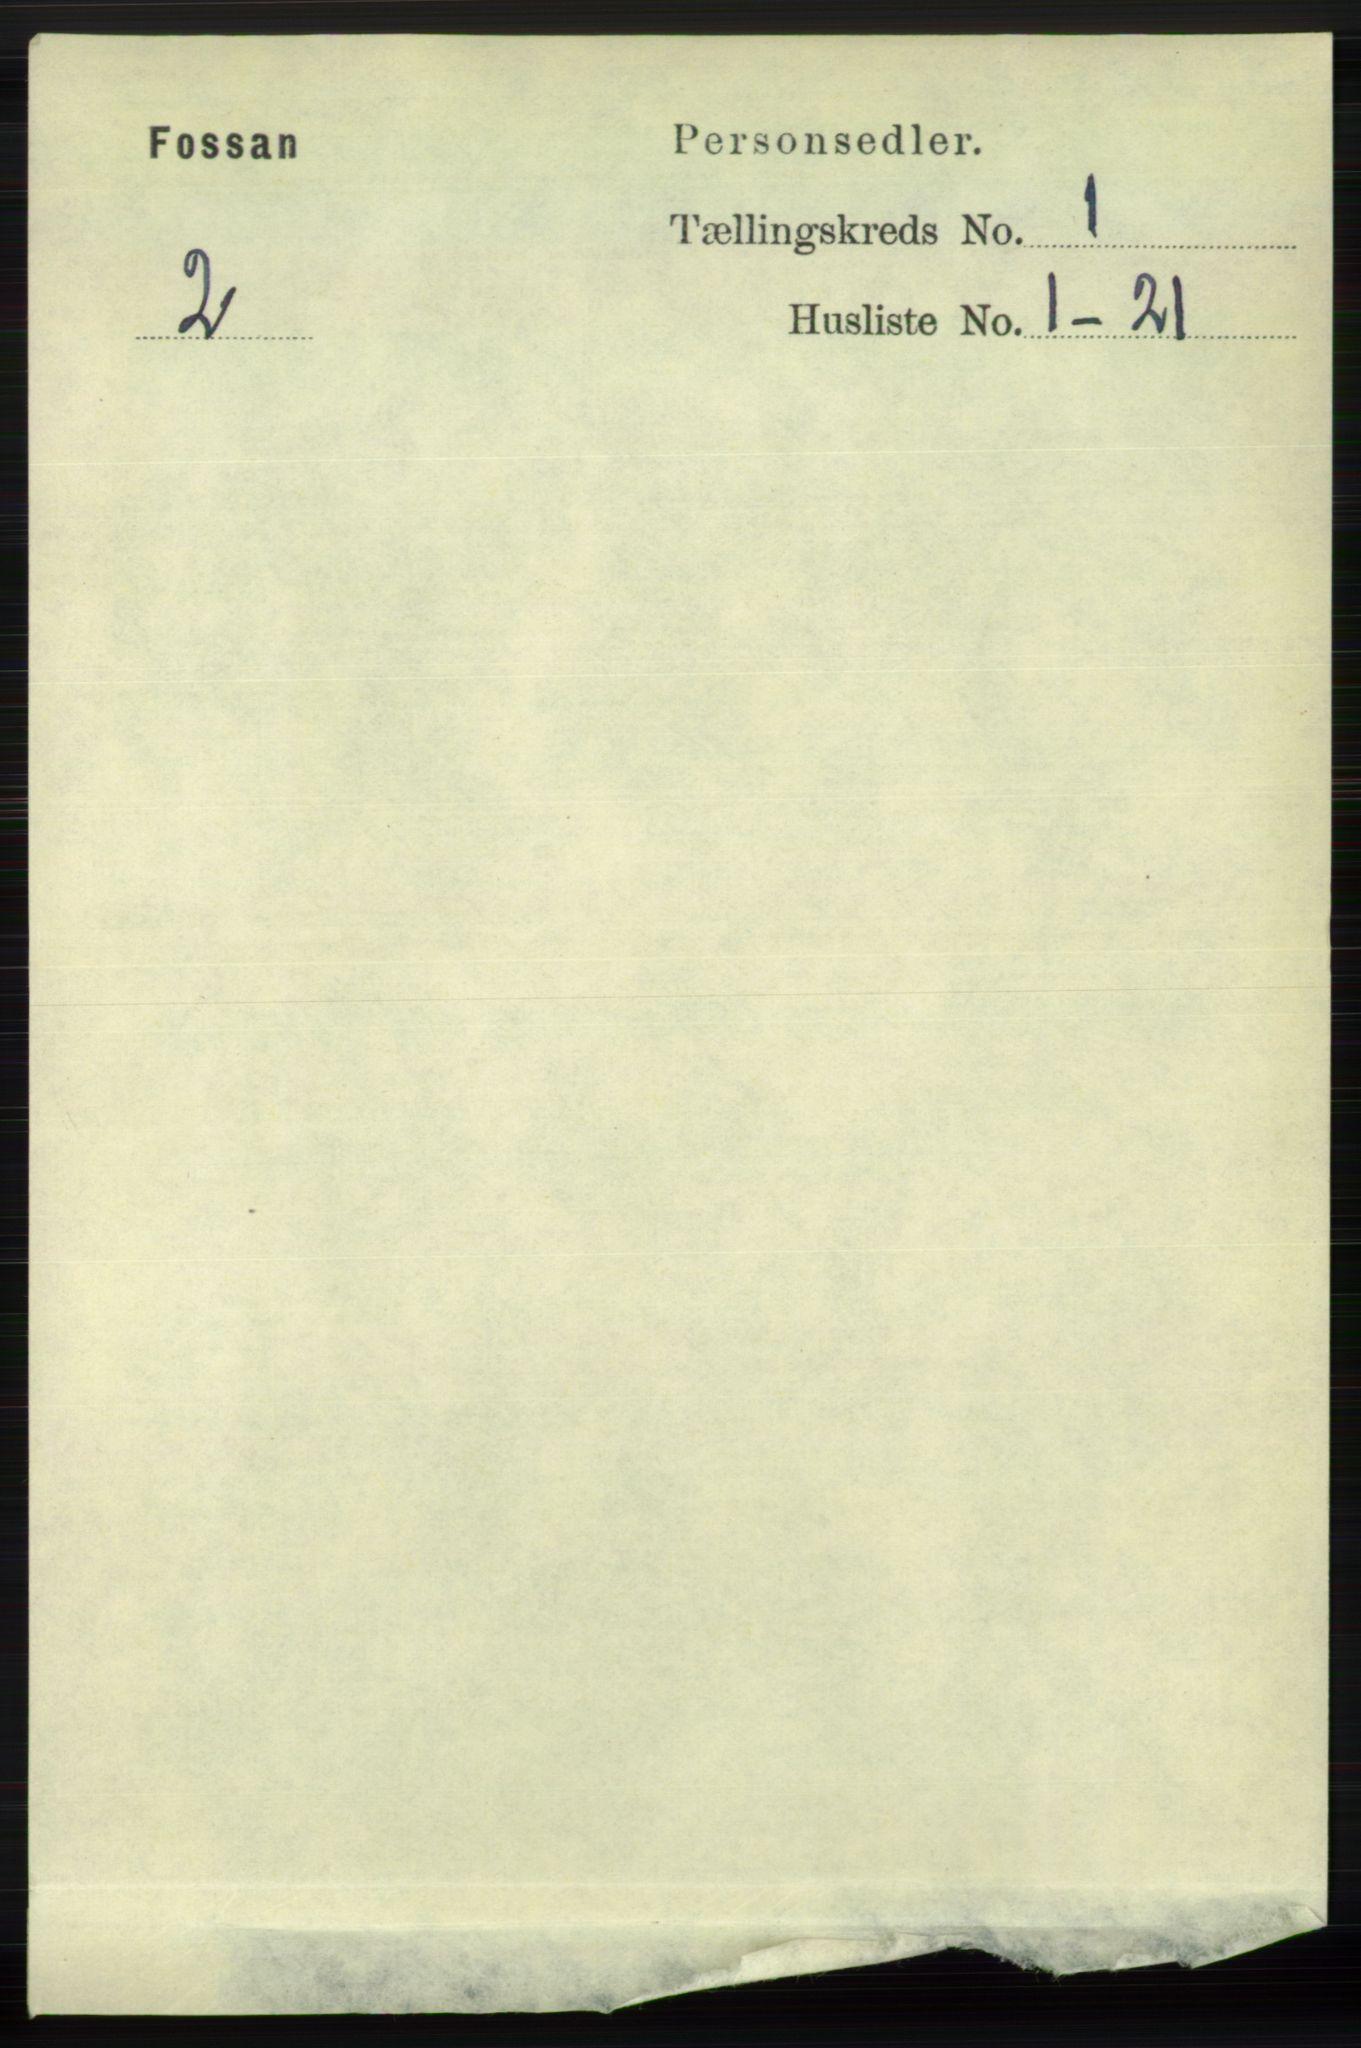 RA, Folketelling 1891 for 1129 Forsand herred, 1891, s. 58